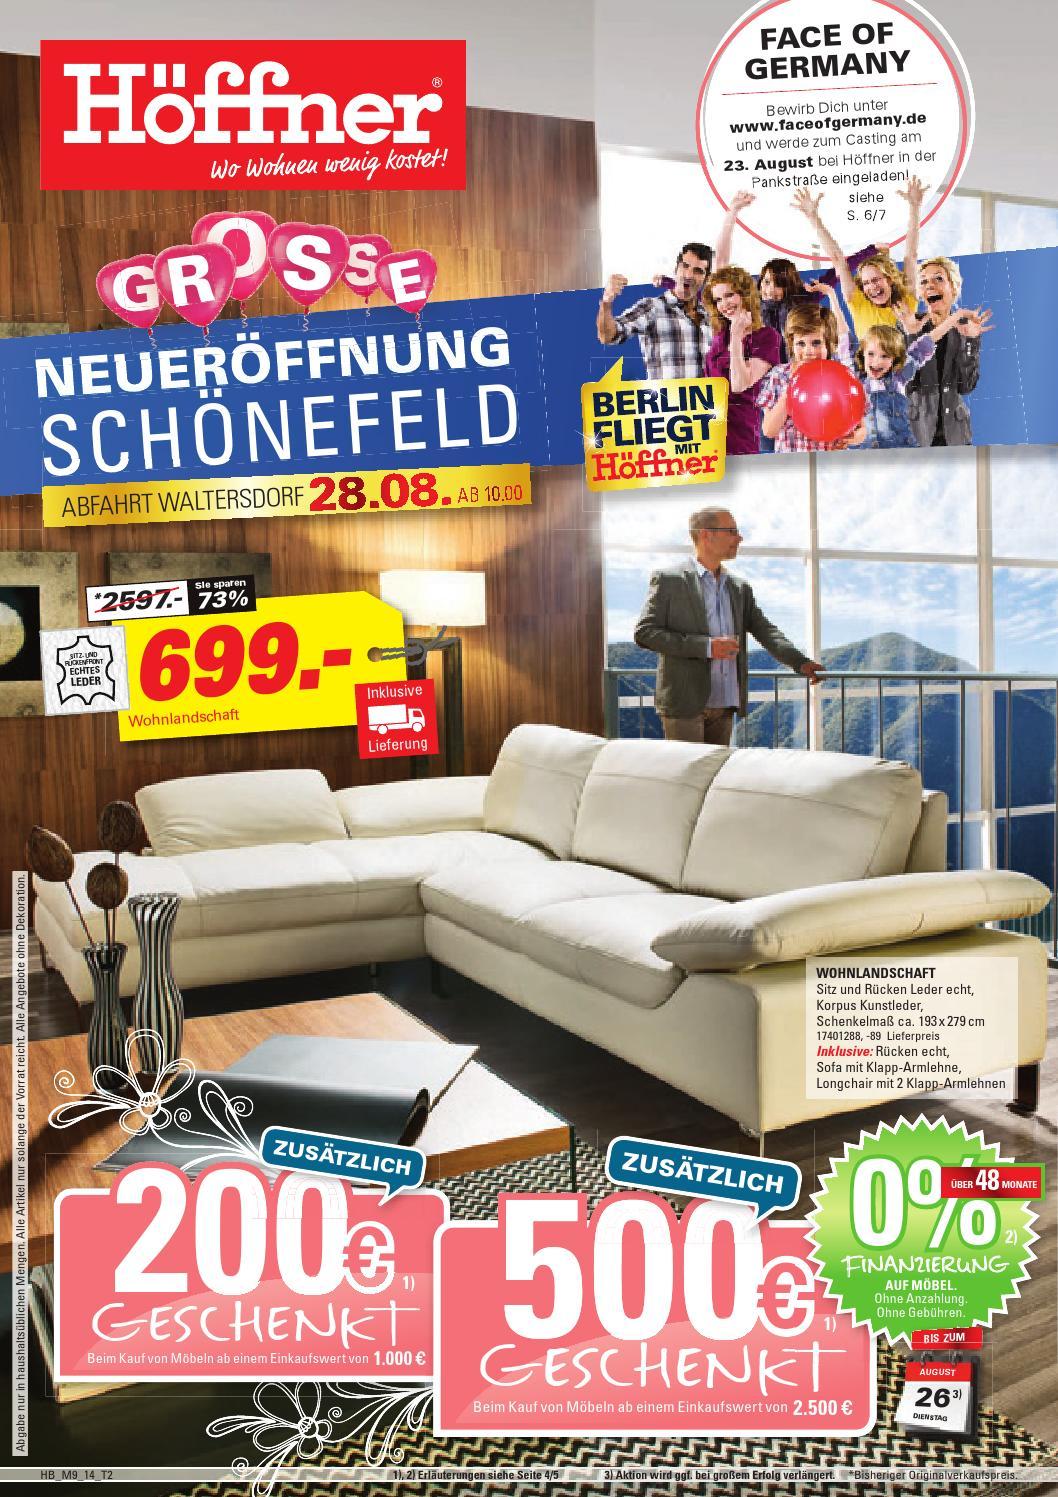 m bel h ffner neuer ffnung sch nefeld by berlin medien. Black Bedroom Furniture Sets. Home Design Ideas